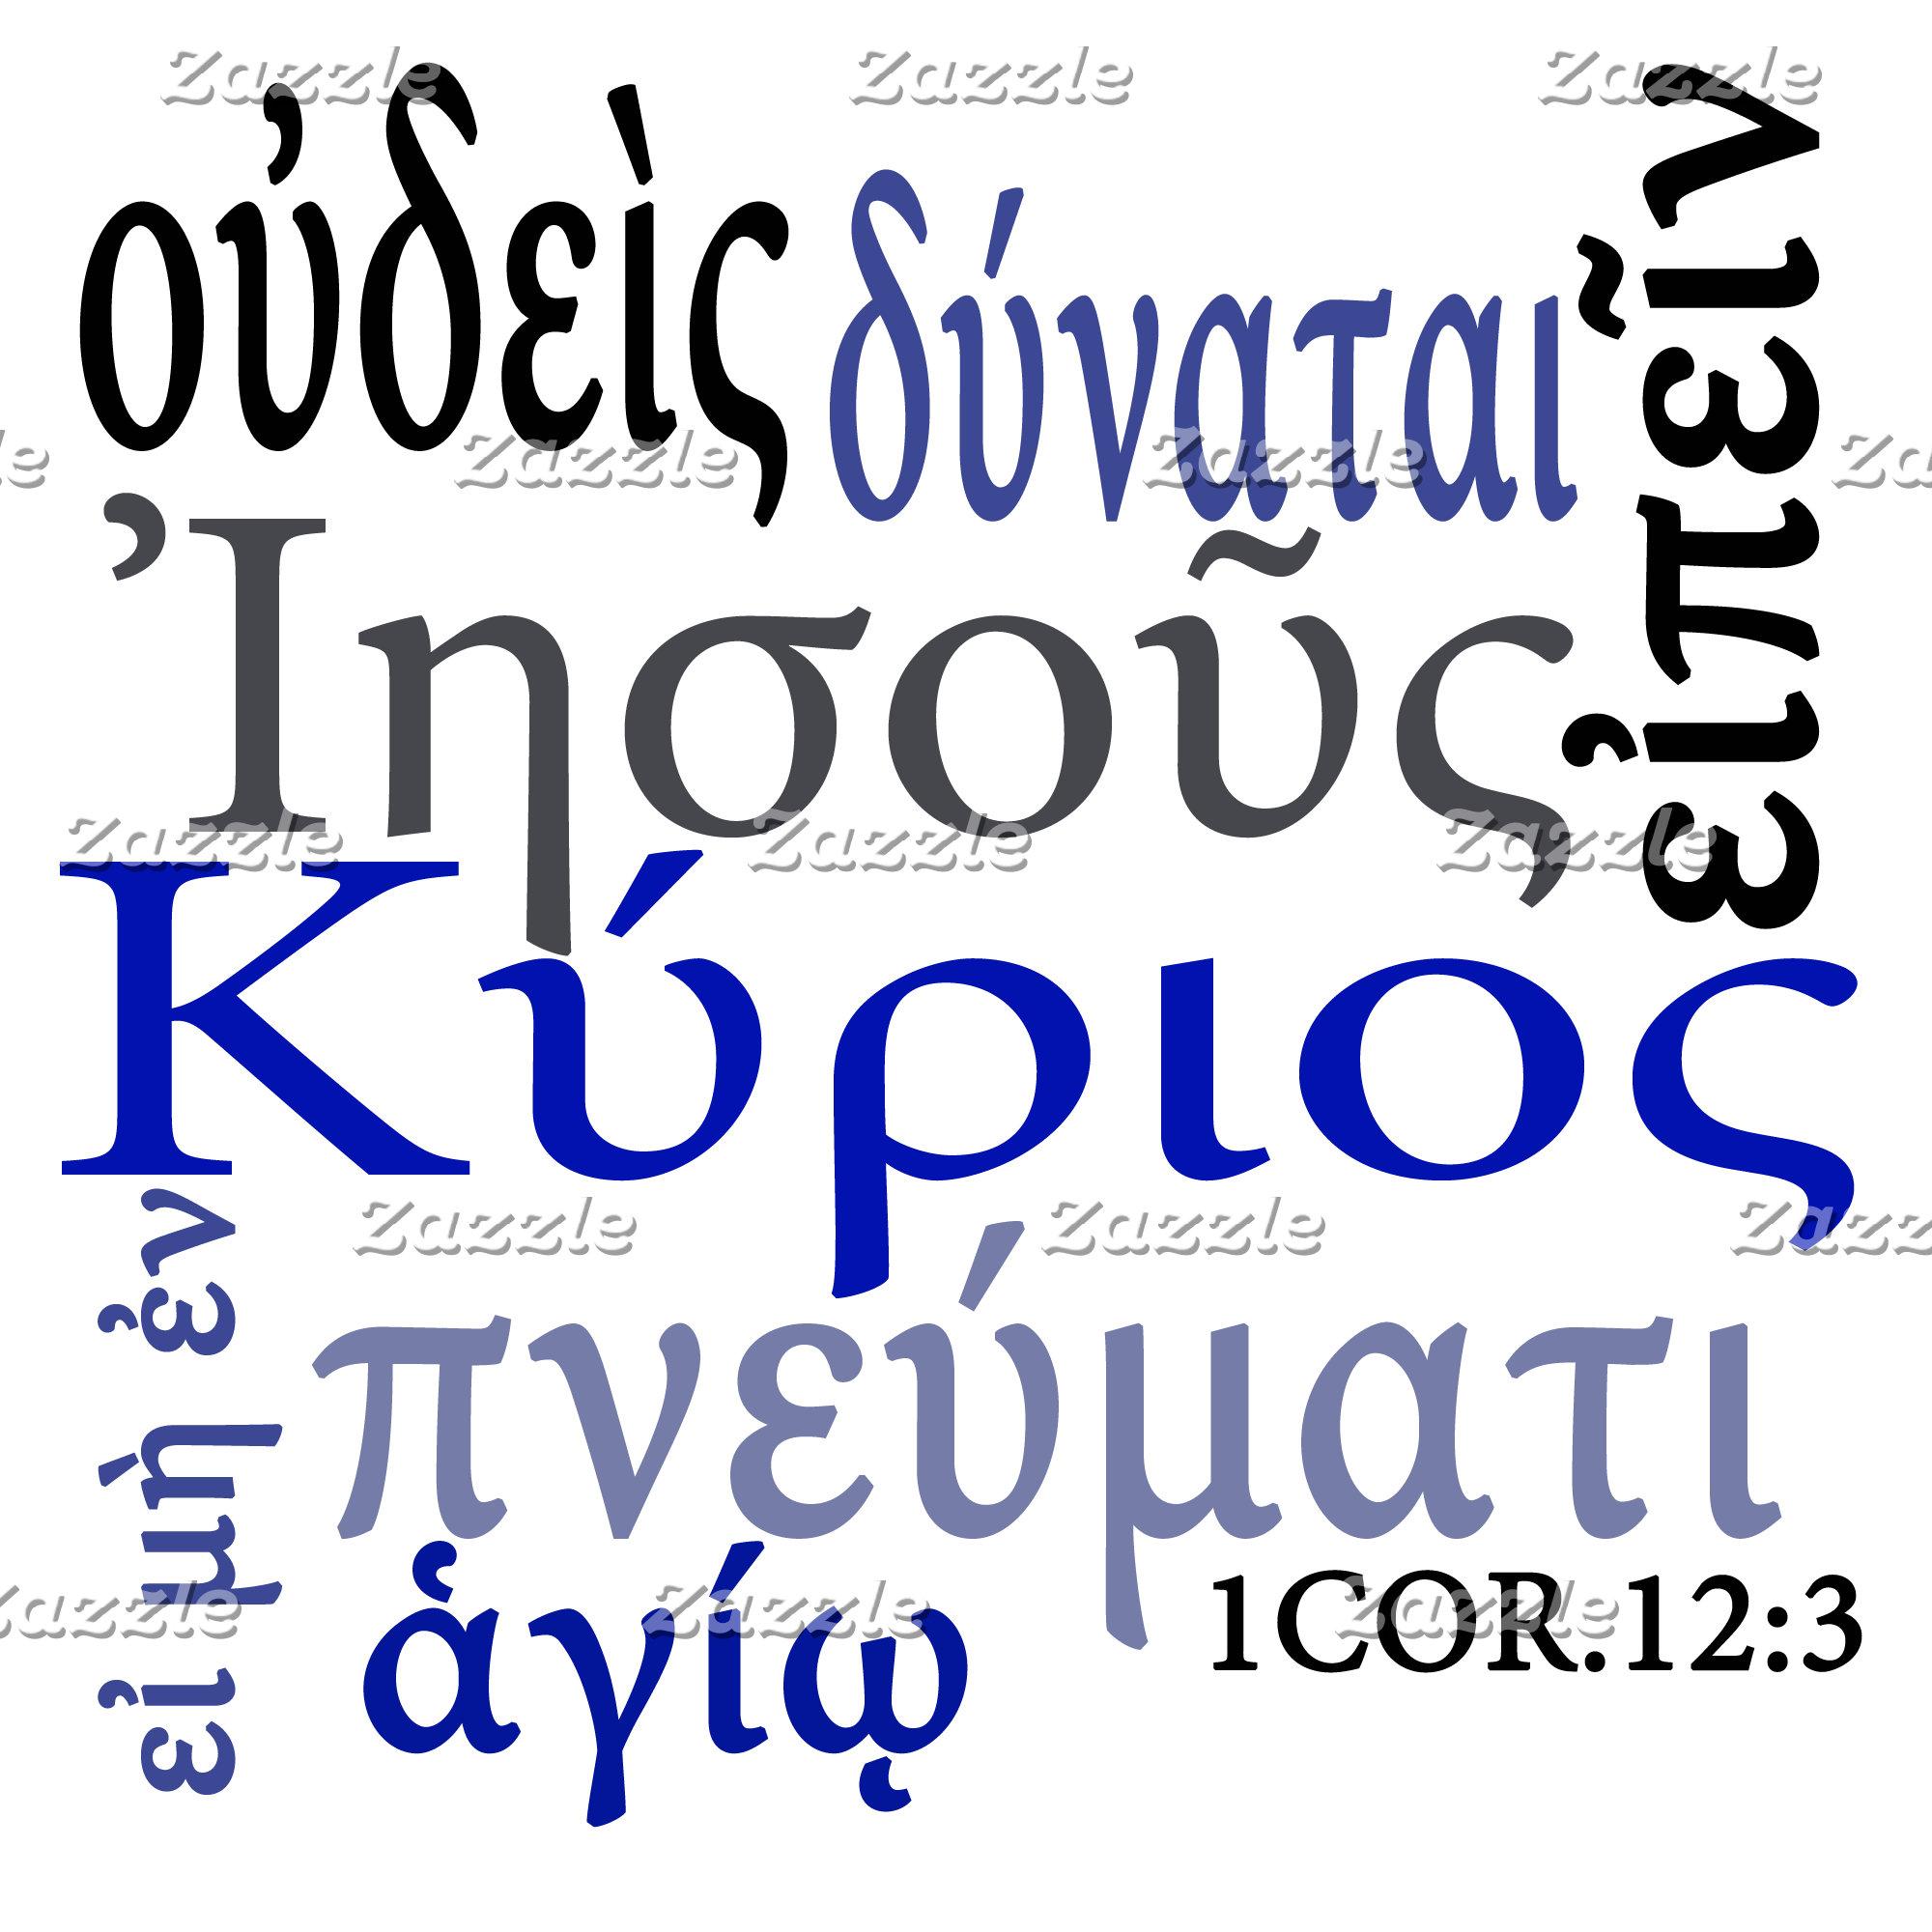 1Cor. 12:3